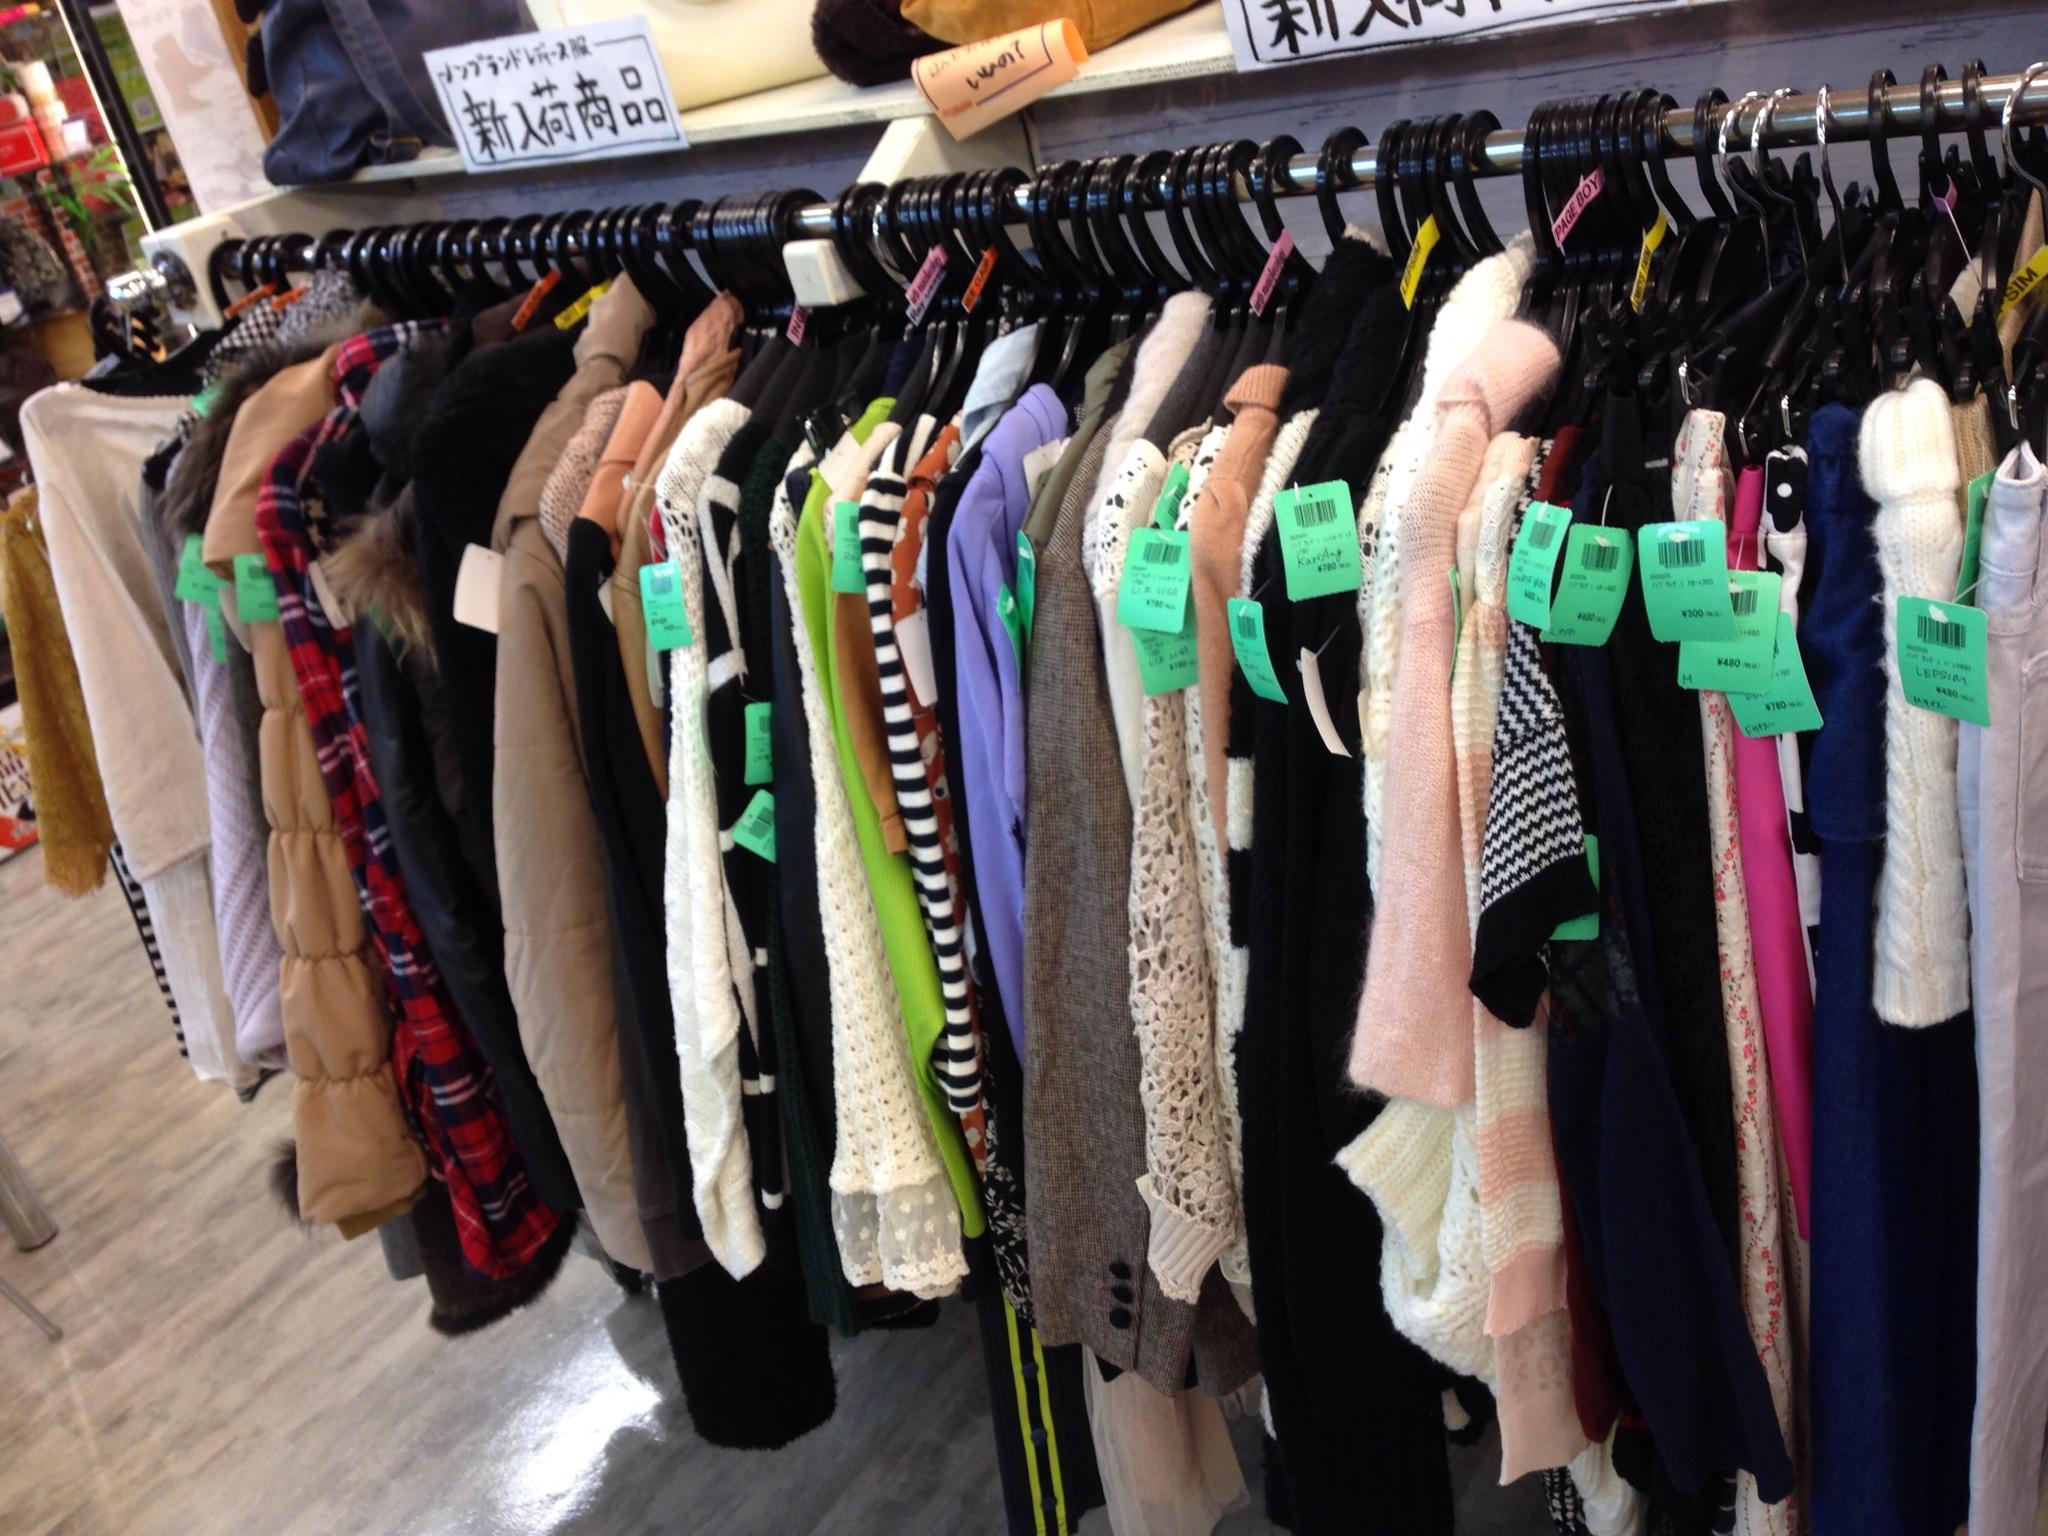 ワンランクダウン レディース衣料 買取 古着 入間アウトレット付近 16号沿い ラグステーション瑞穂店